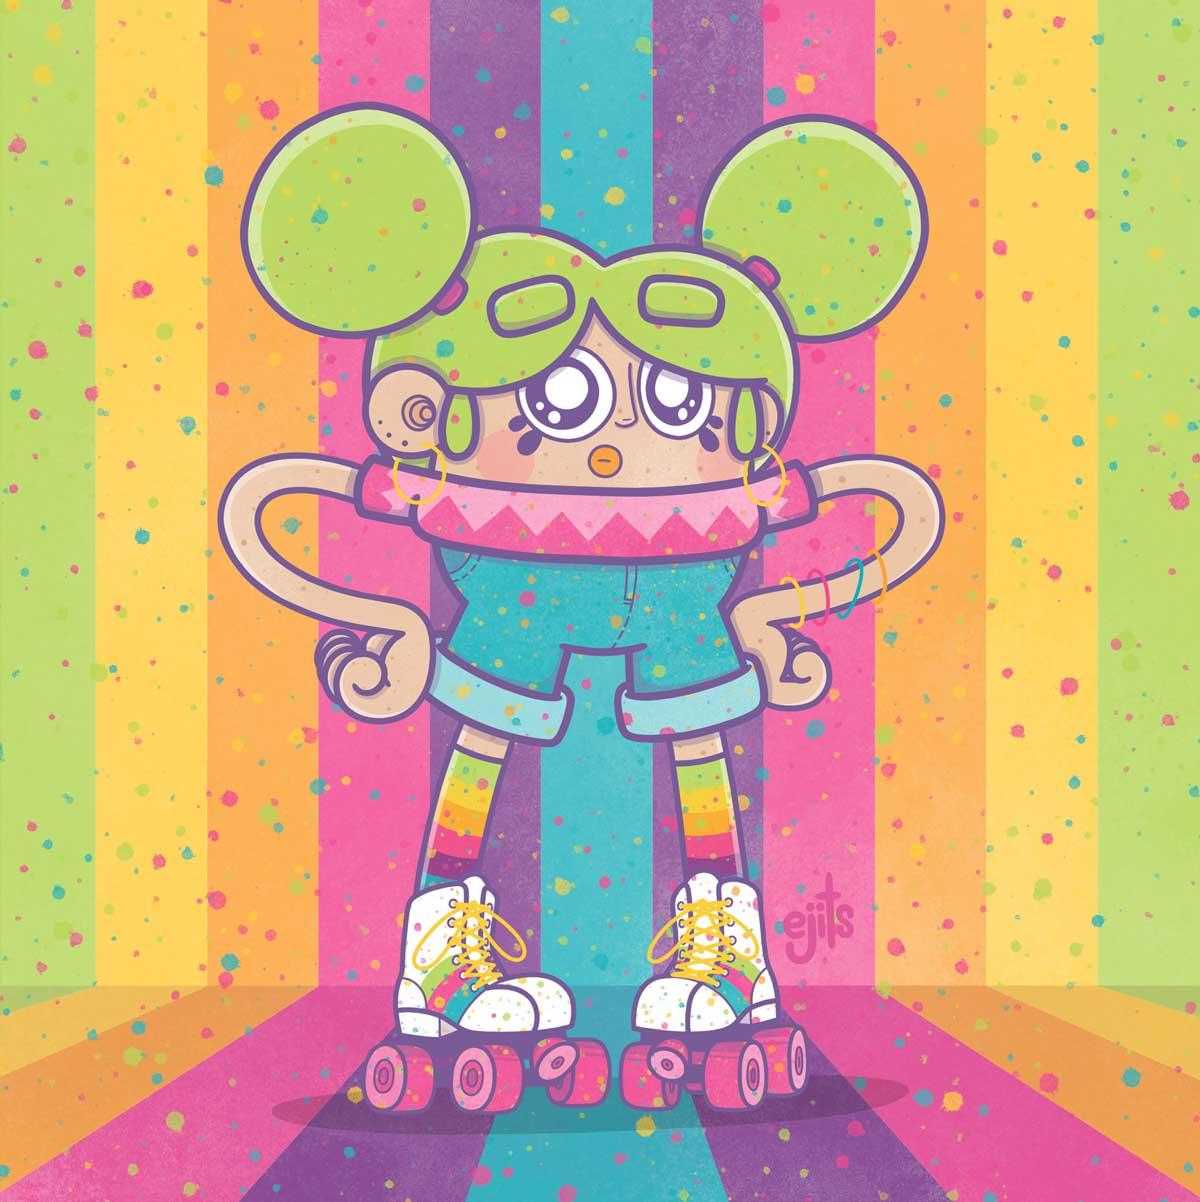 ejits roller grrl illustration